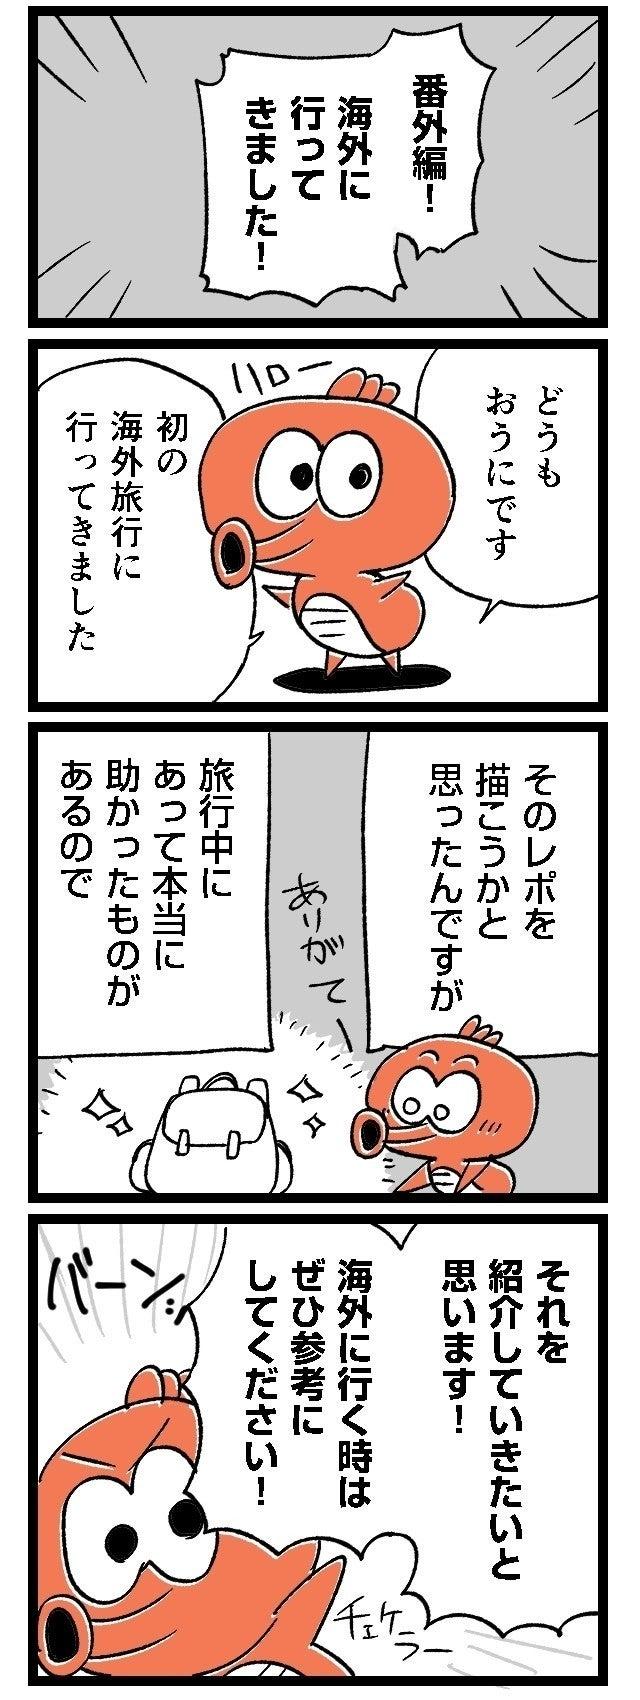 03ルポ漫画旅行_001